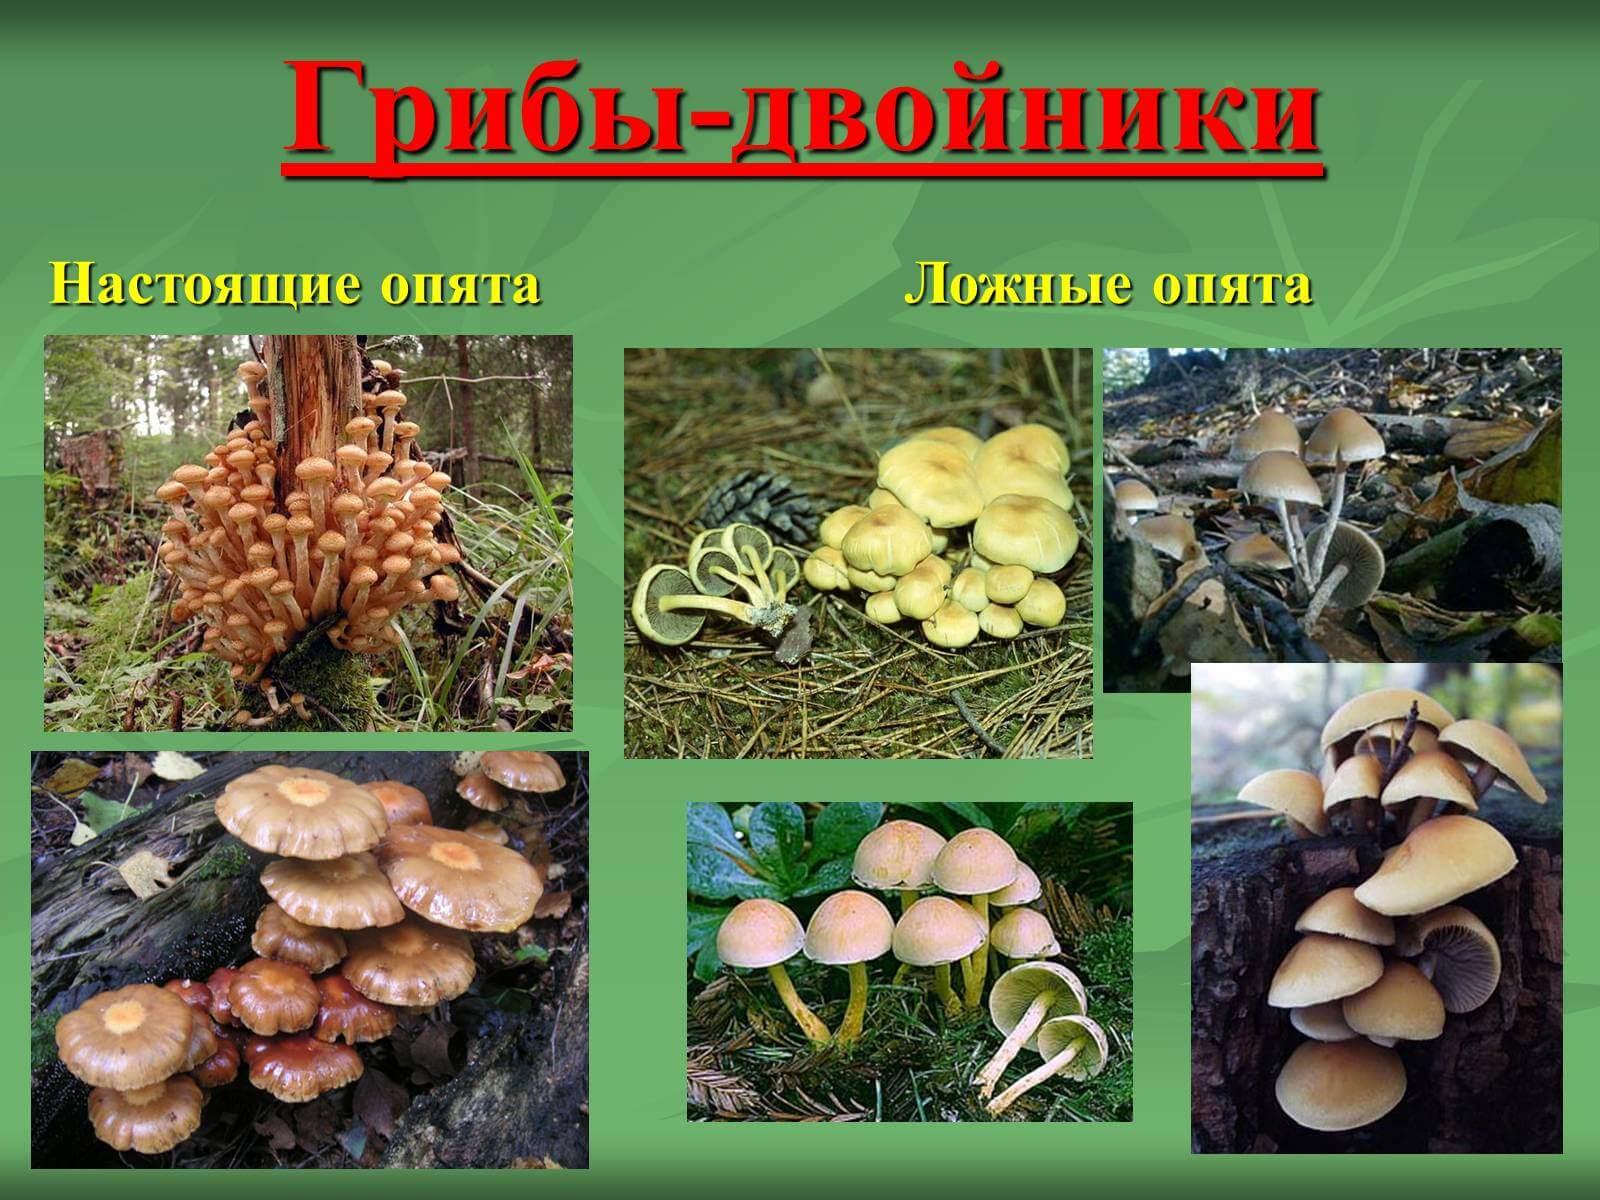 осенние опята на Урале, время сбора фото 2